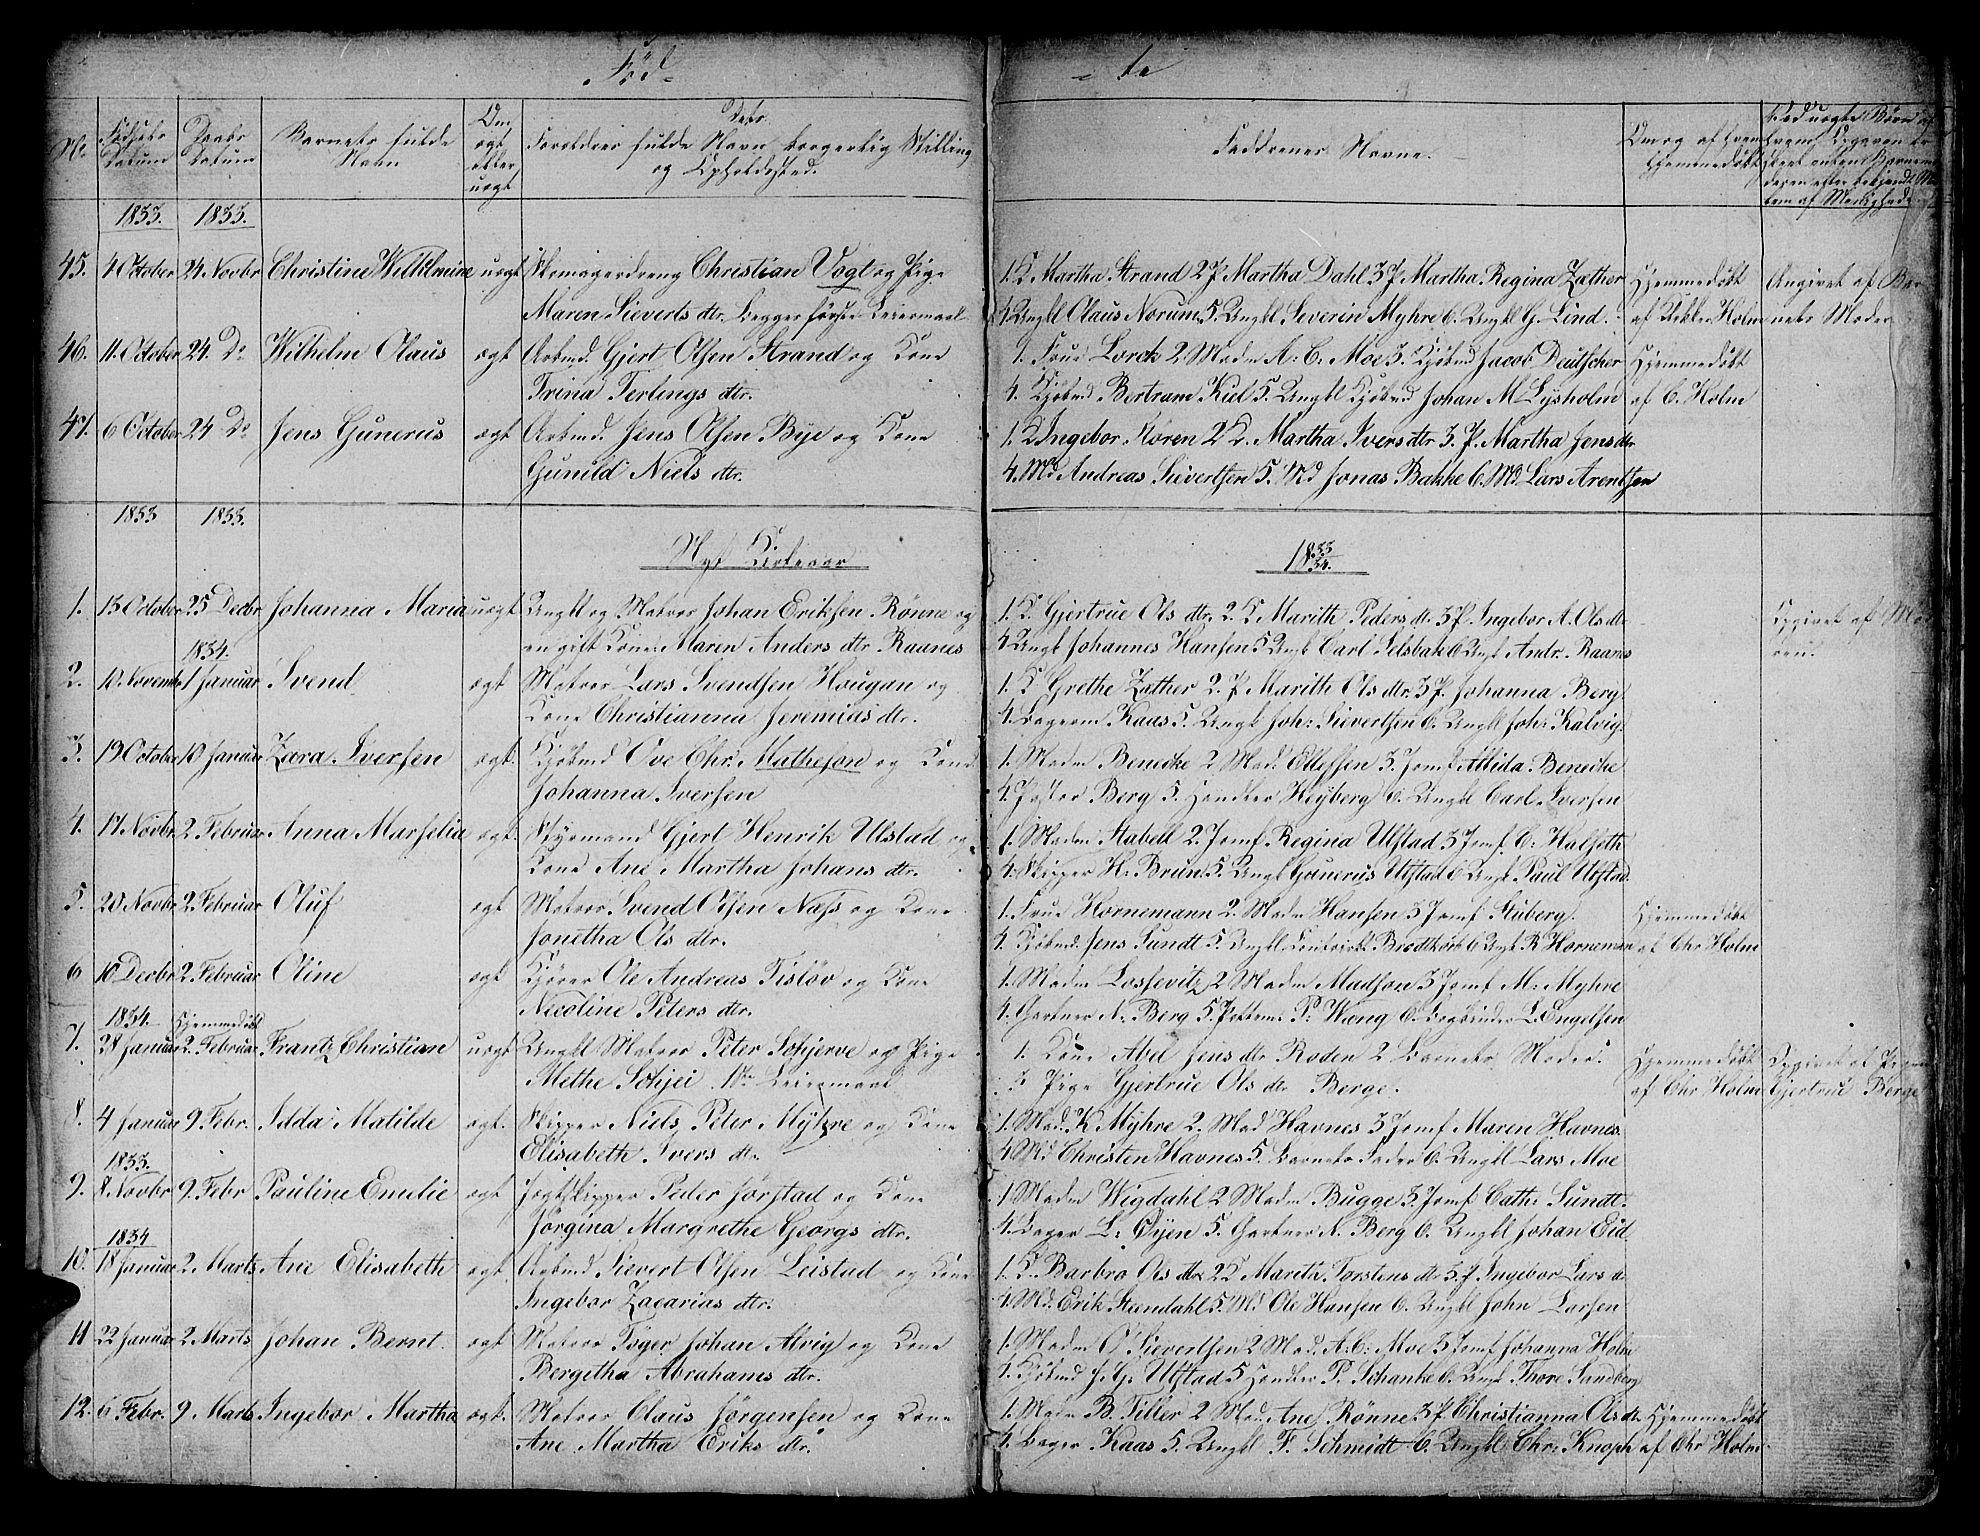 SAT, Ministerialprotokoller, klokkerbøker og fødselsregistre - Sør-Trøndelag, 604/L0182: Ministerialbok nr. 604A03, 1818-1850, s. 8